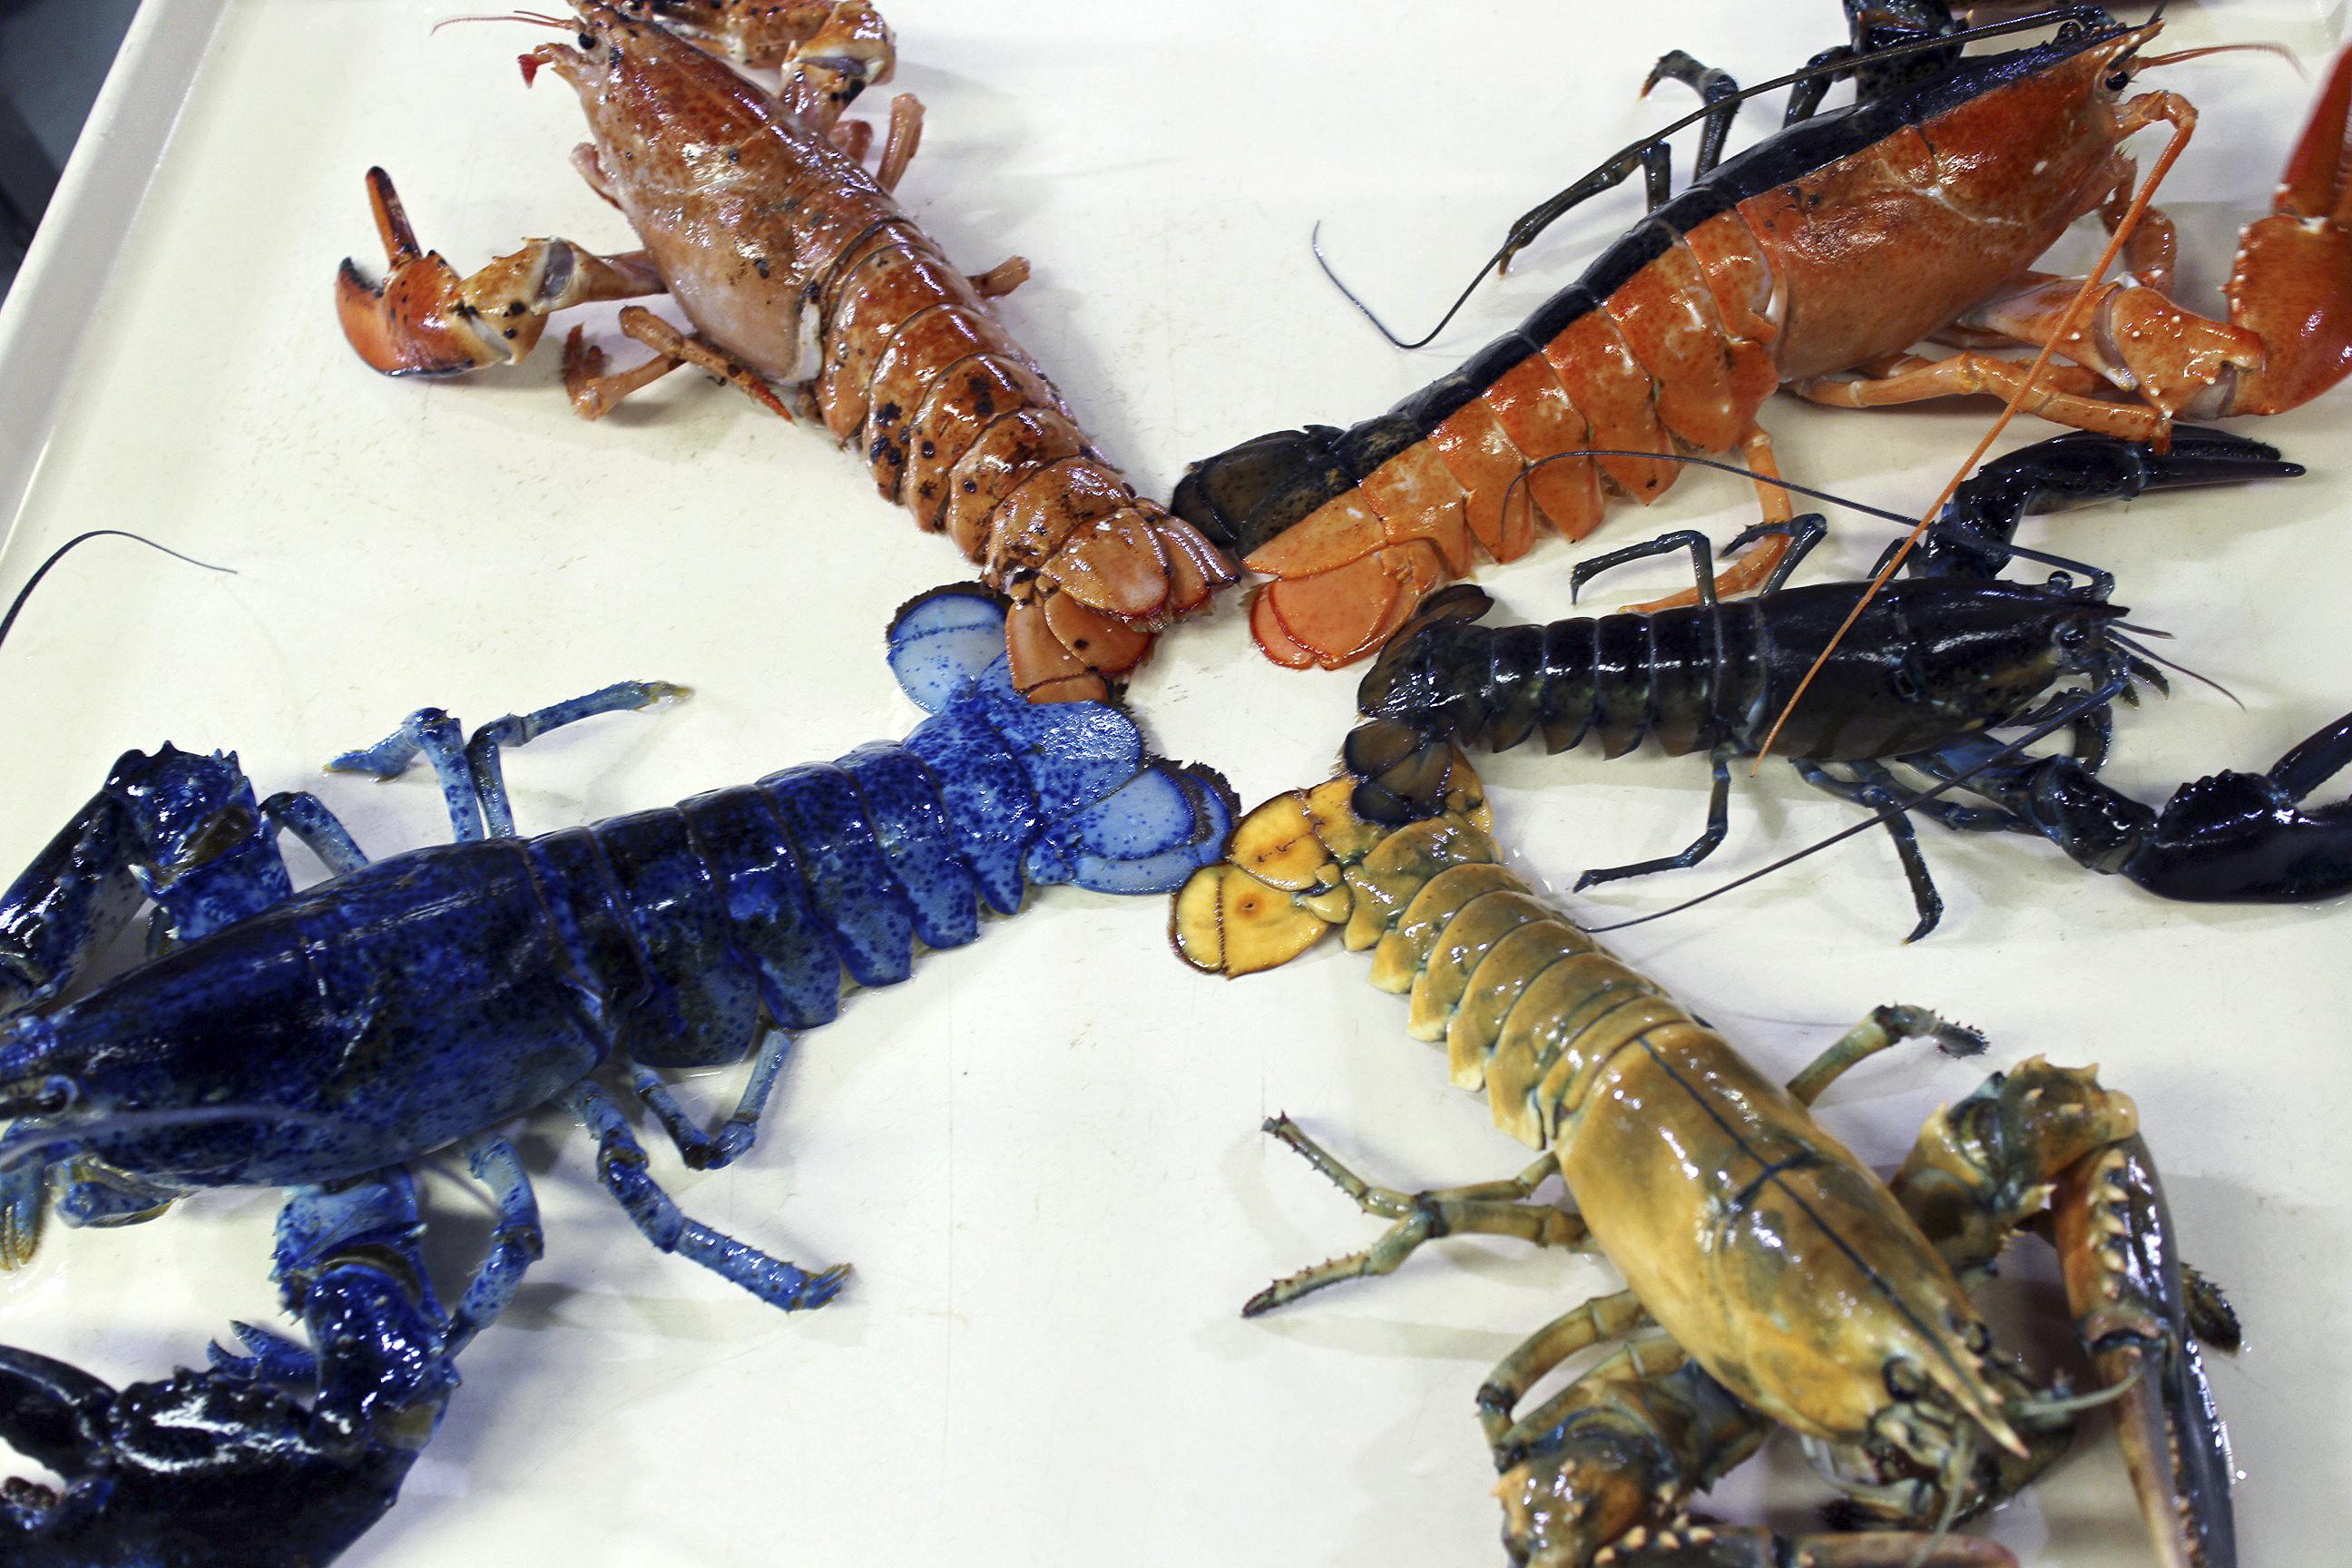 新英格蘭水族館上月展示了該館收集到的藍、黃、斑點棕色和雙色等罕見顏色龍蝦。美聯社